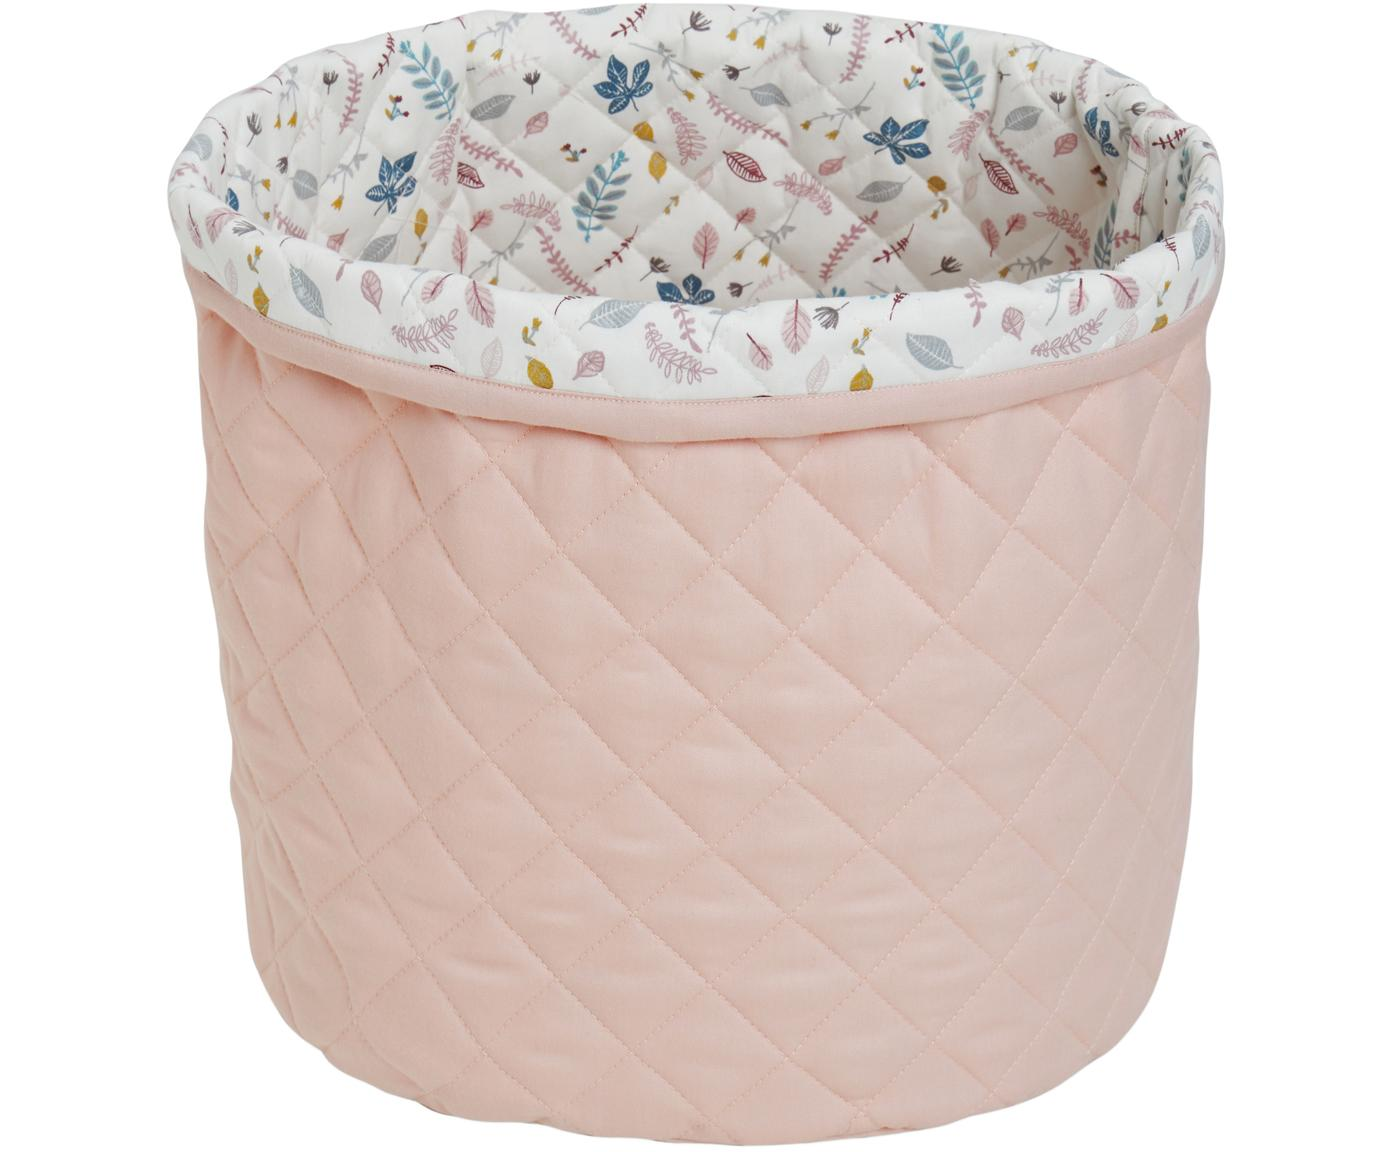 Kosz do przechowywania  z bawełny organicznej Pressed Leaves, Tapicerka: bawełna organiczna, Na zewnątrz: blady różowy wewnątrz: kremowy, blady różowy, niebieski, szary, Ø 30 x W 33 cm